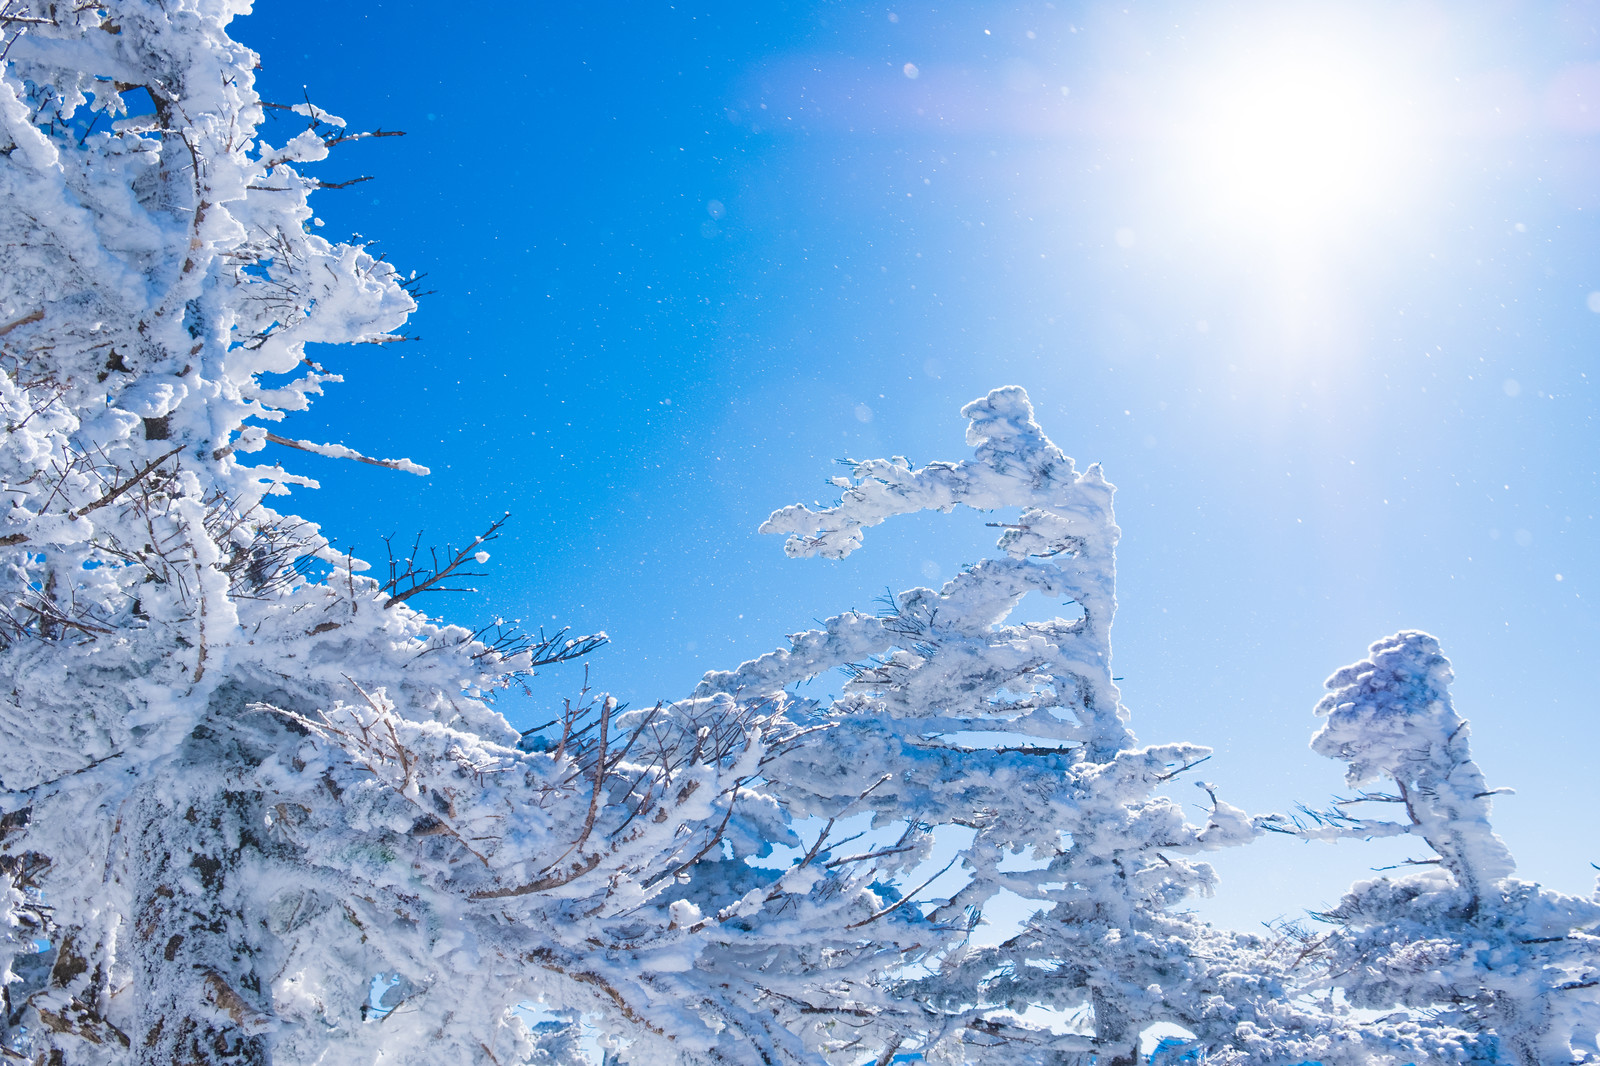 「日差しが透けて煌めく雪と霧氷日差しが透けて煌めく雪と霧氷」のフリー写真素材を拡大